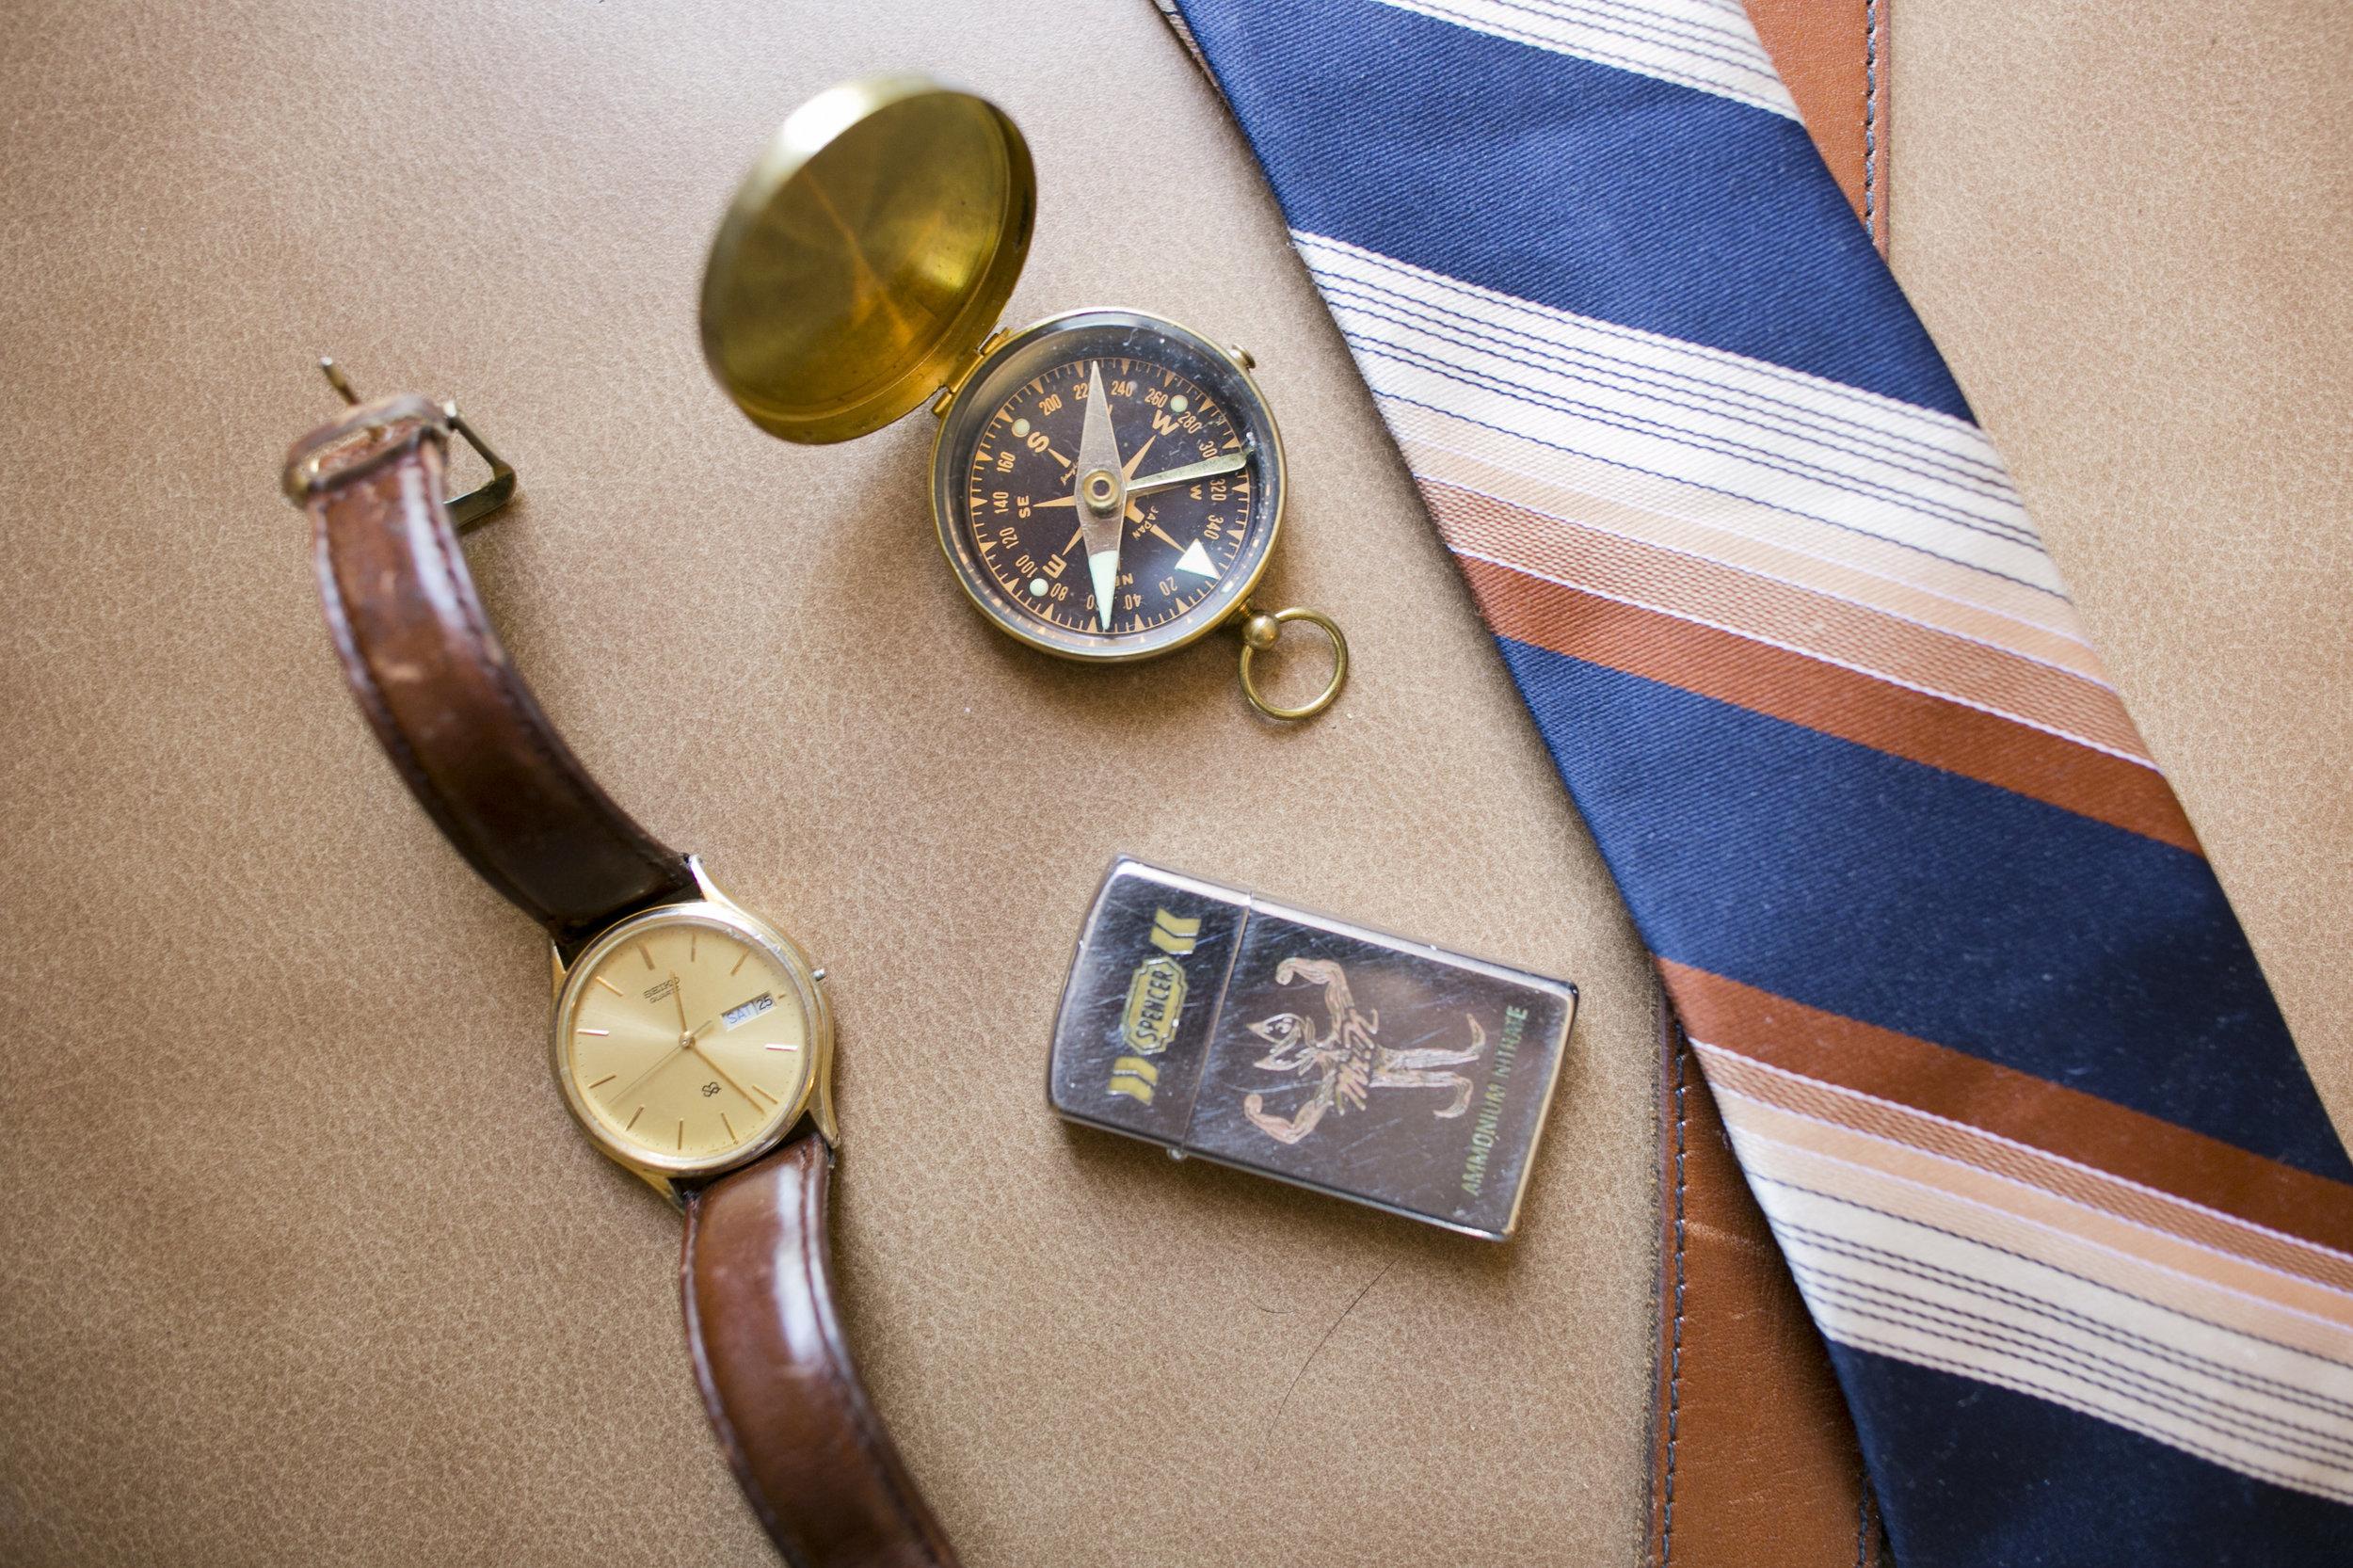 Ceci_New_York_Ceci_Style_Ceci_Johnson_Luxury_Lifestyle_Arizona_Wedding_Watercolor_Inspiration_Design_Custom_Couture_Personalized_Invitations_12.jpg